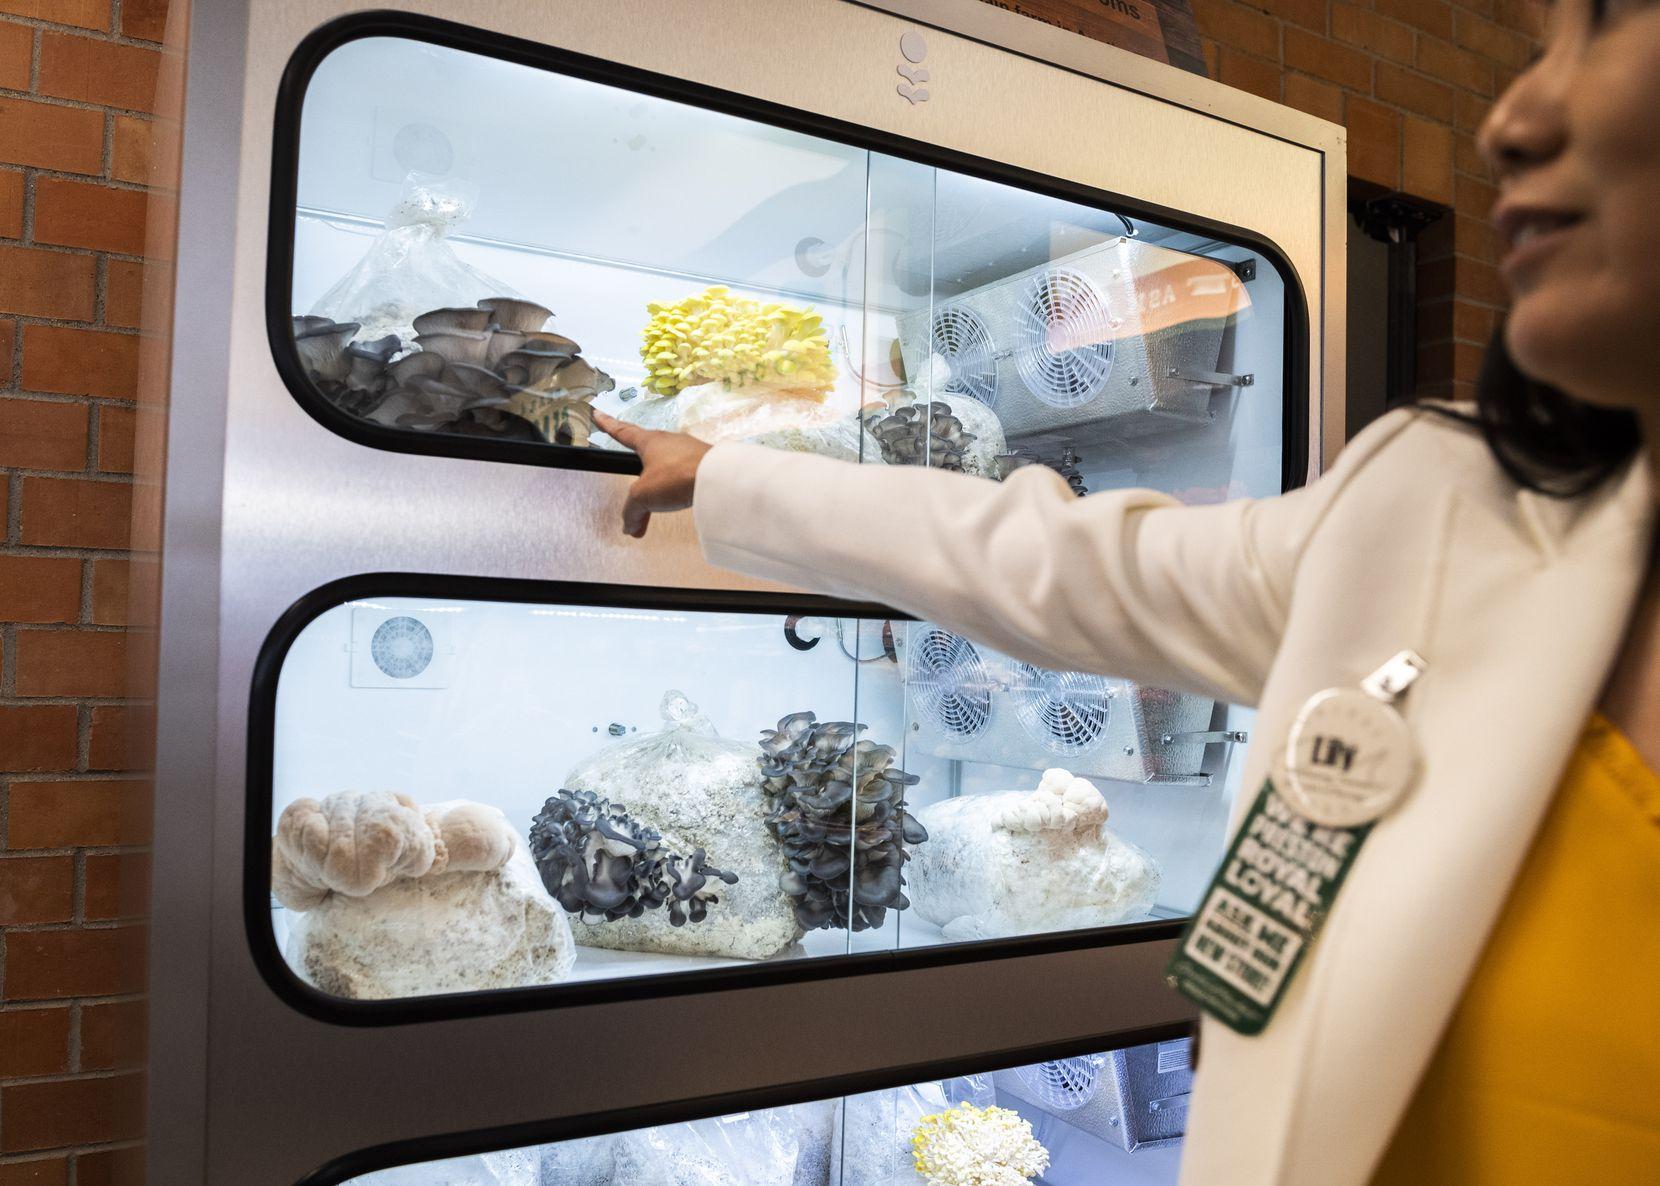 La mánager de Central Market en Preston Road y Royal Lane, Lilly Lin, muestra la colección de hongos exóticos a la venta.